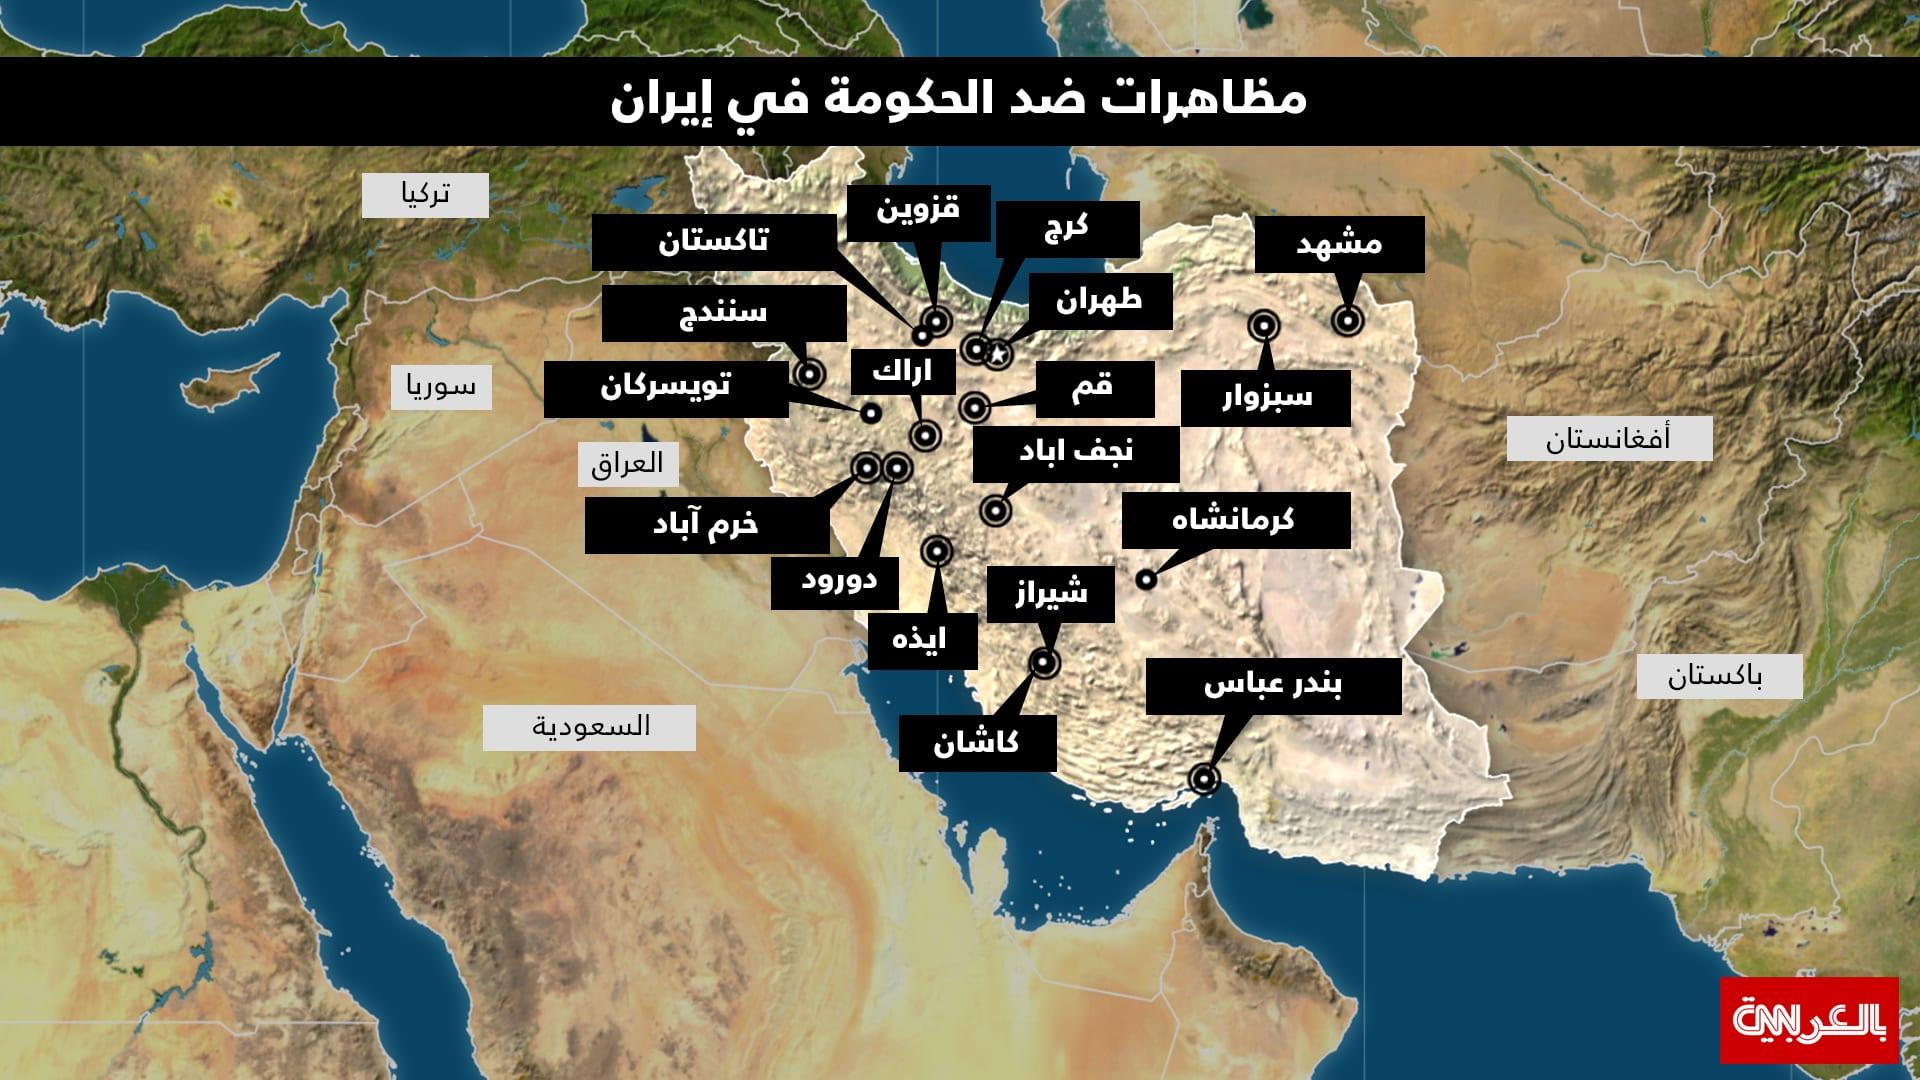 على الخريطة.. أين تتركز الاحتجاجات في إيران؟